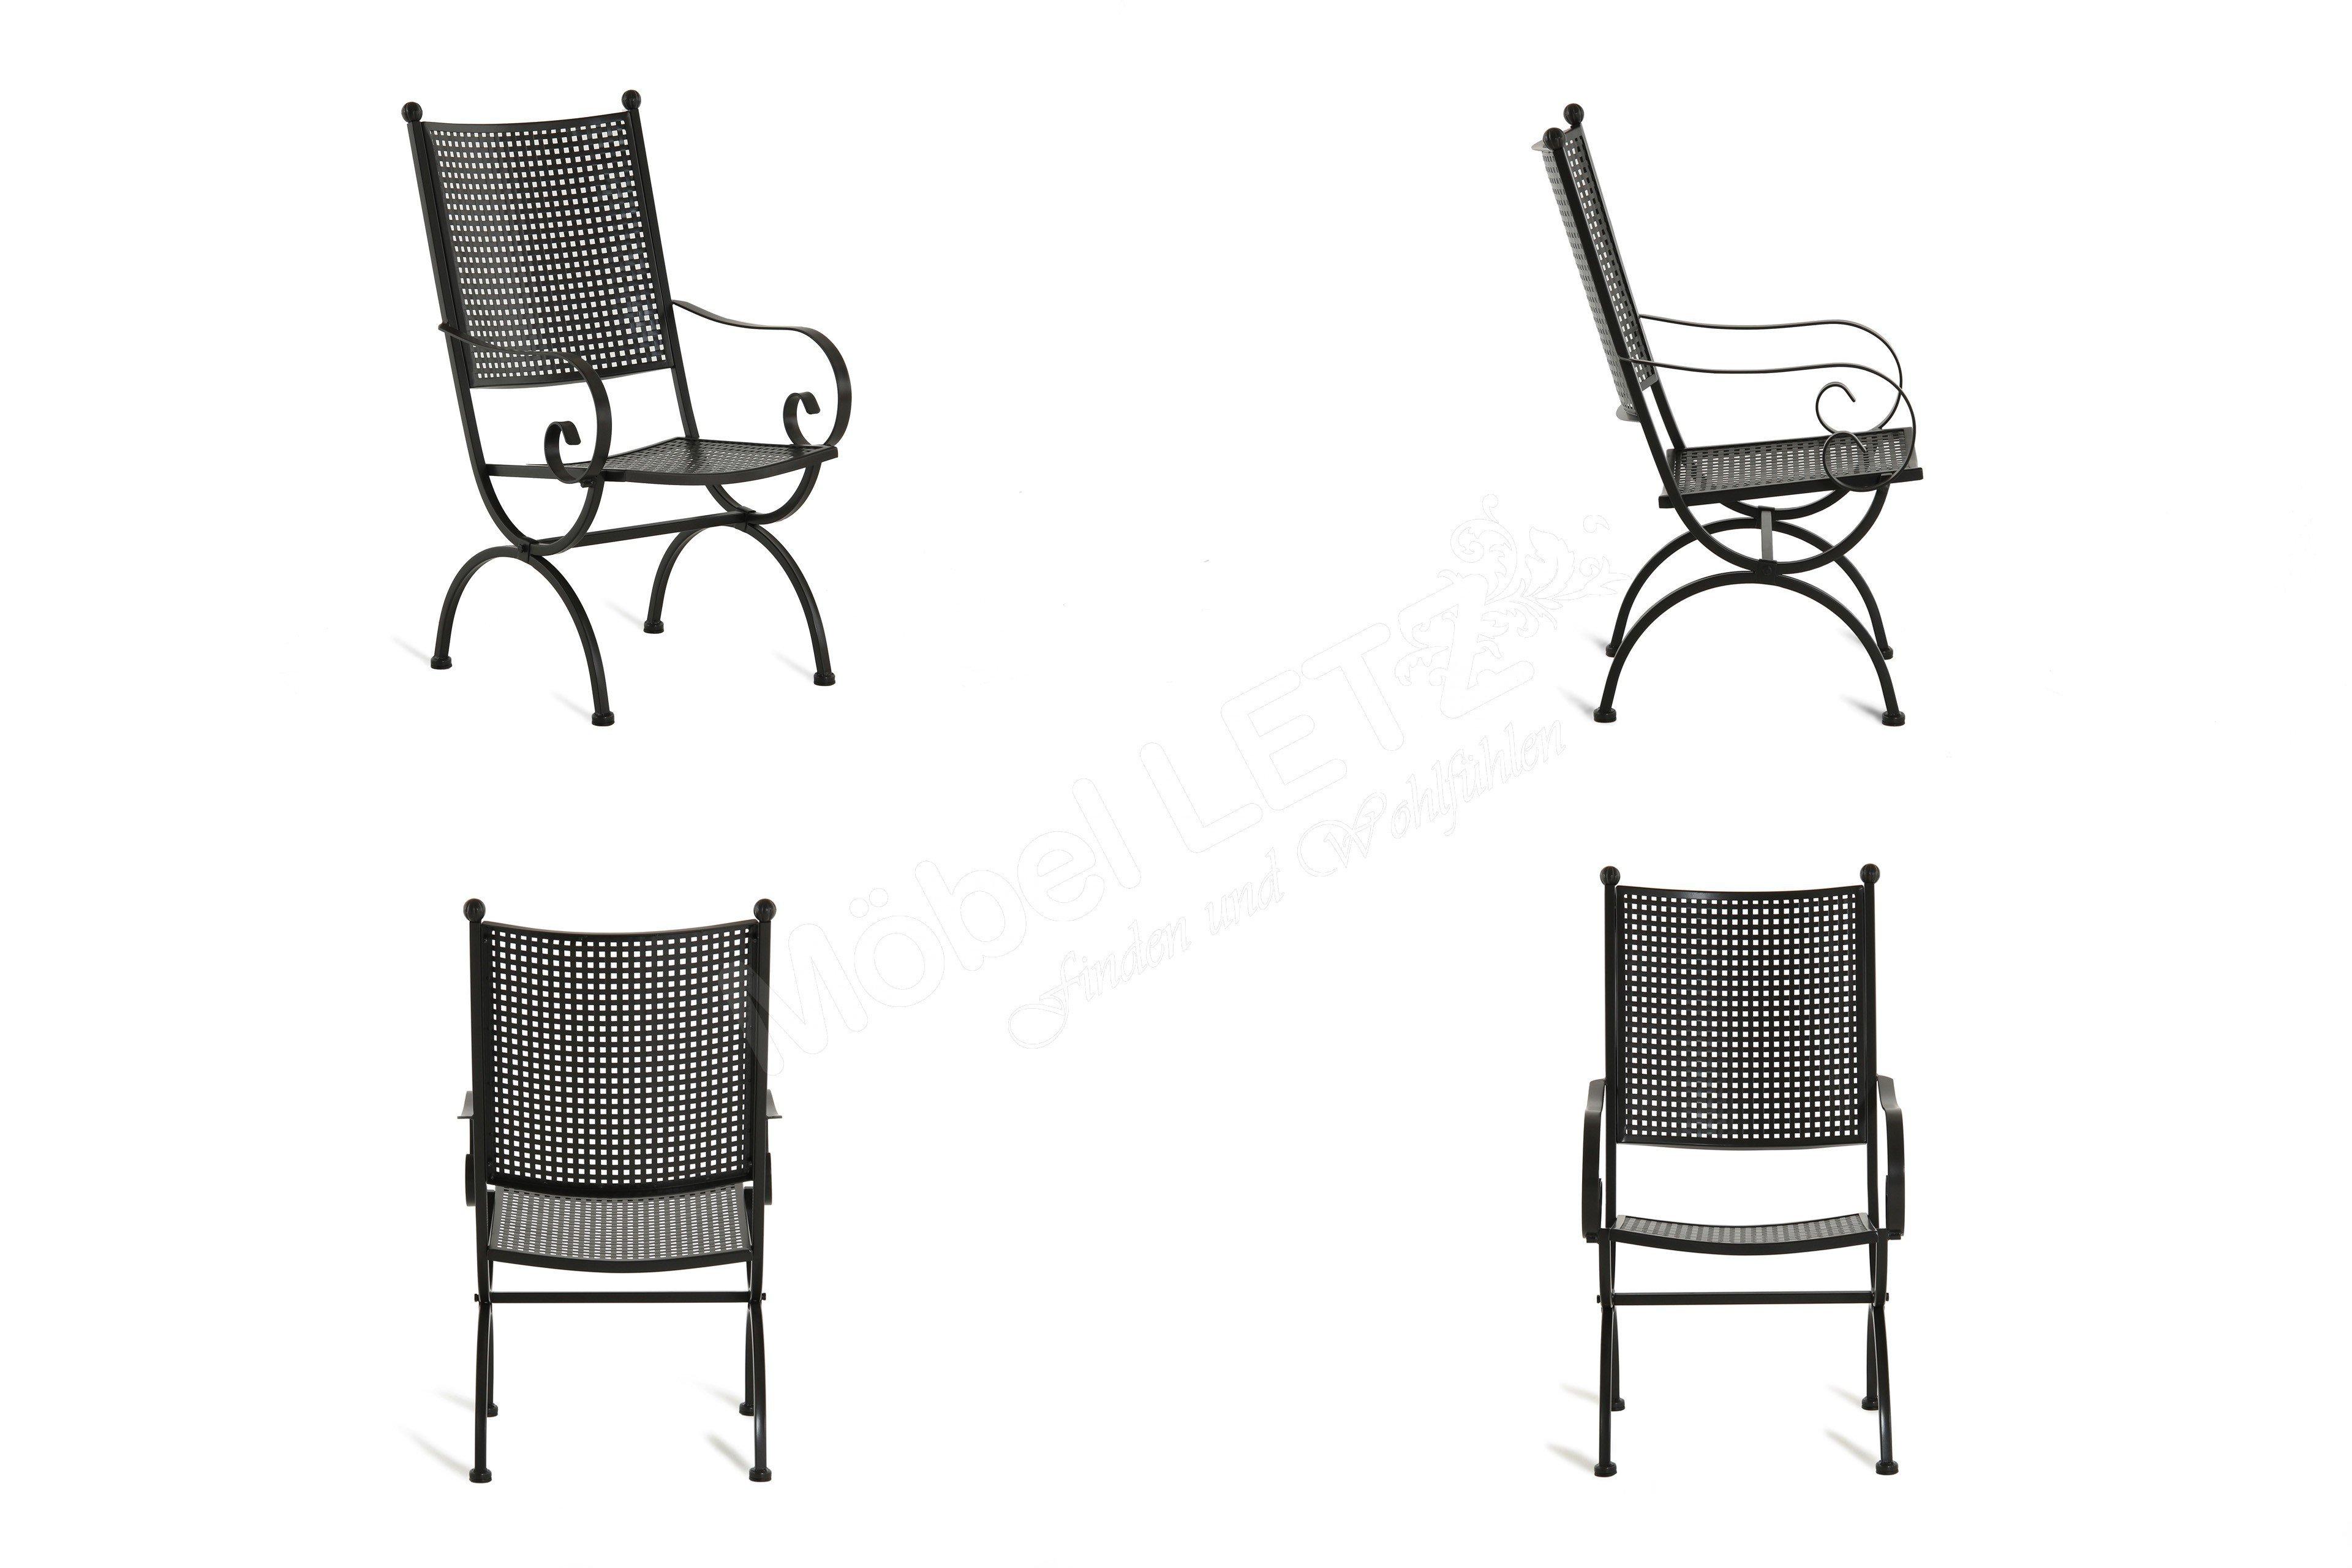 MBM Tisch Romeo 156.135 Eisen schwarz | Möbel Letz - Ihr Online-Shop